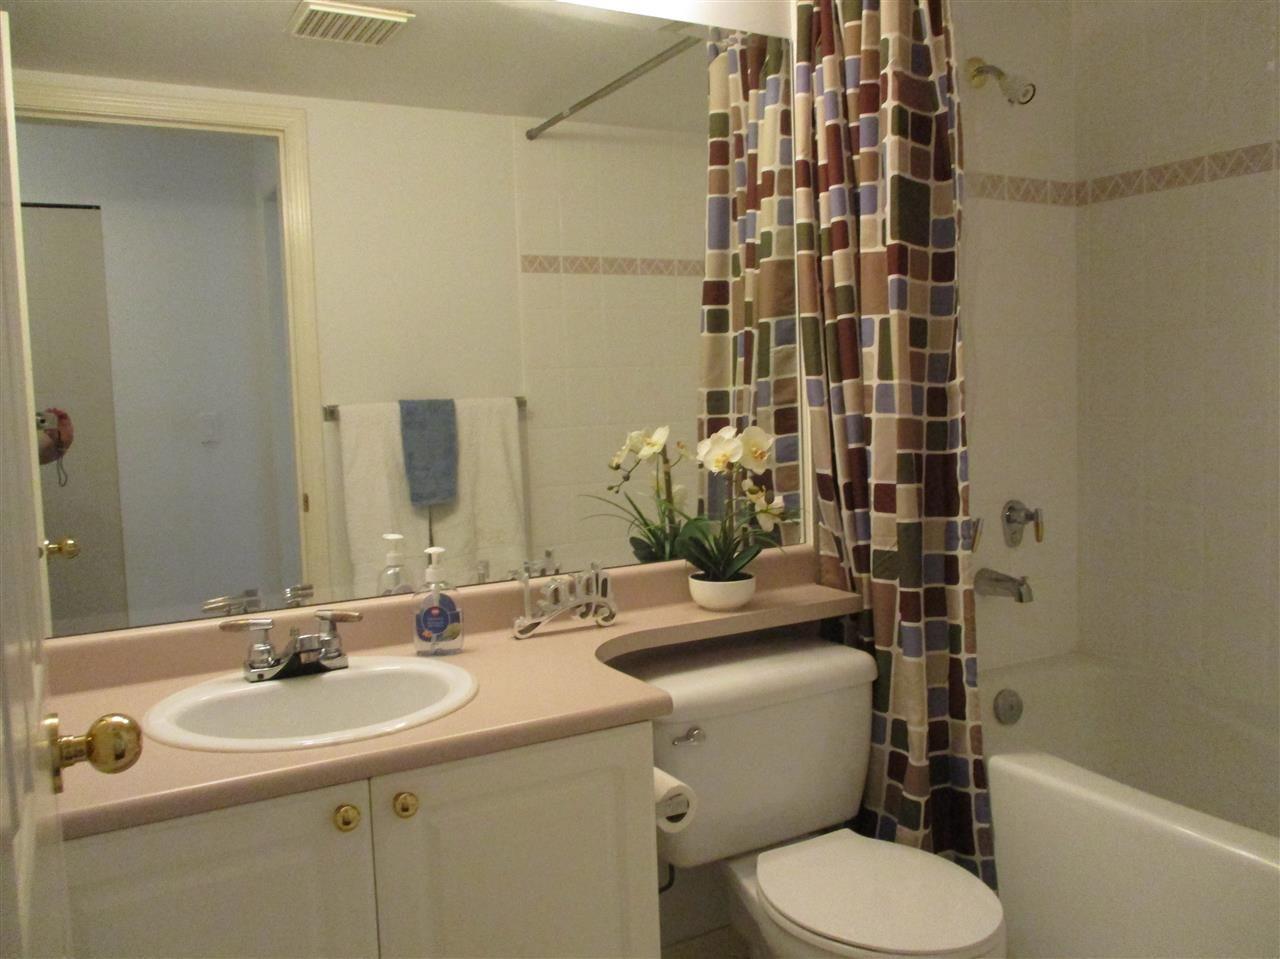 Photo 13: Photos: 106 15241 18 AVENUE in Surrey: King George Corridor Condo for sale (South Surrey White Rock)  : MLS®# R2190046